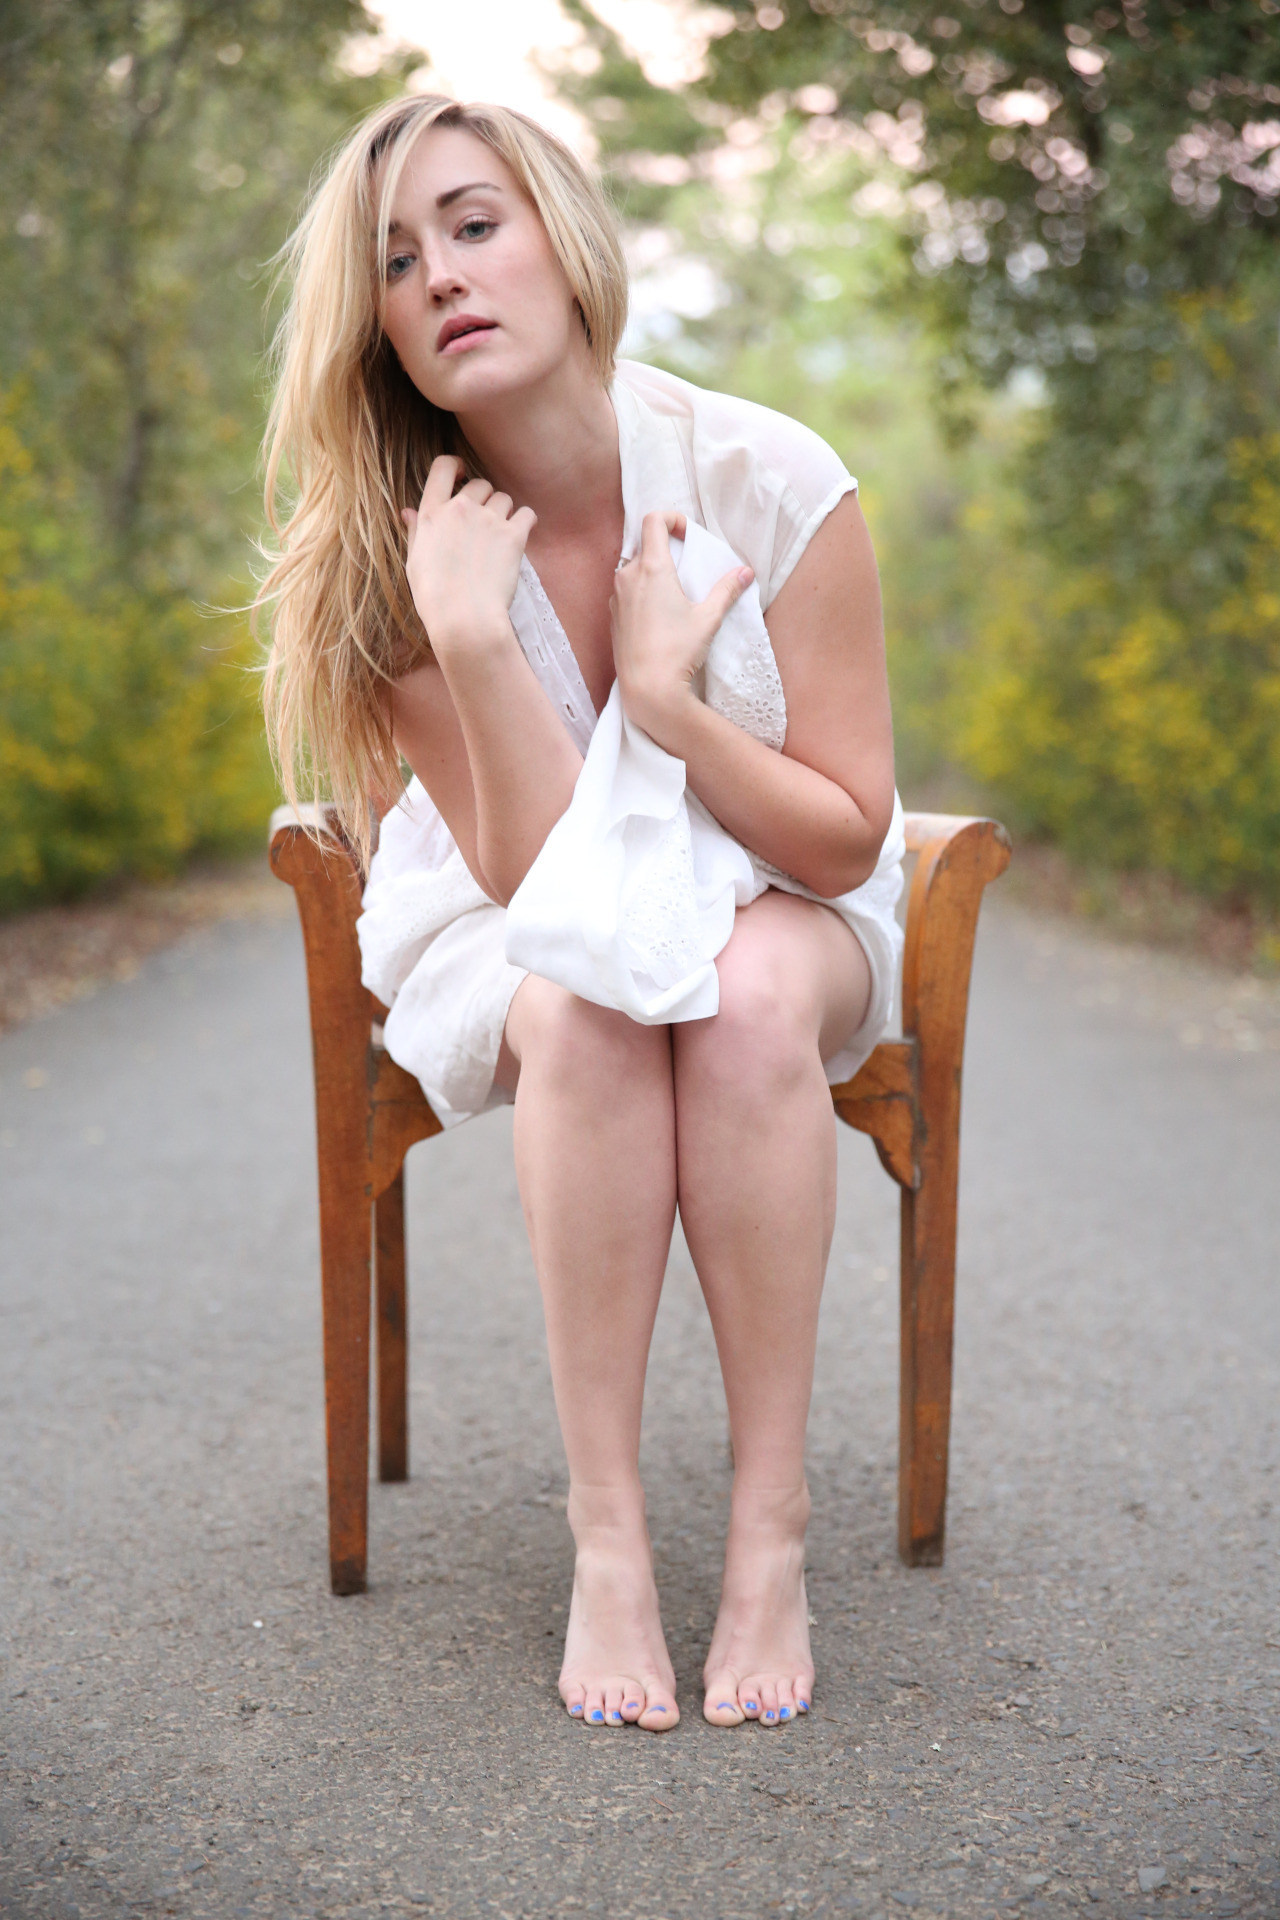 Sexy pics of mary elizabeth mcglynn